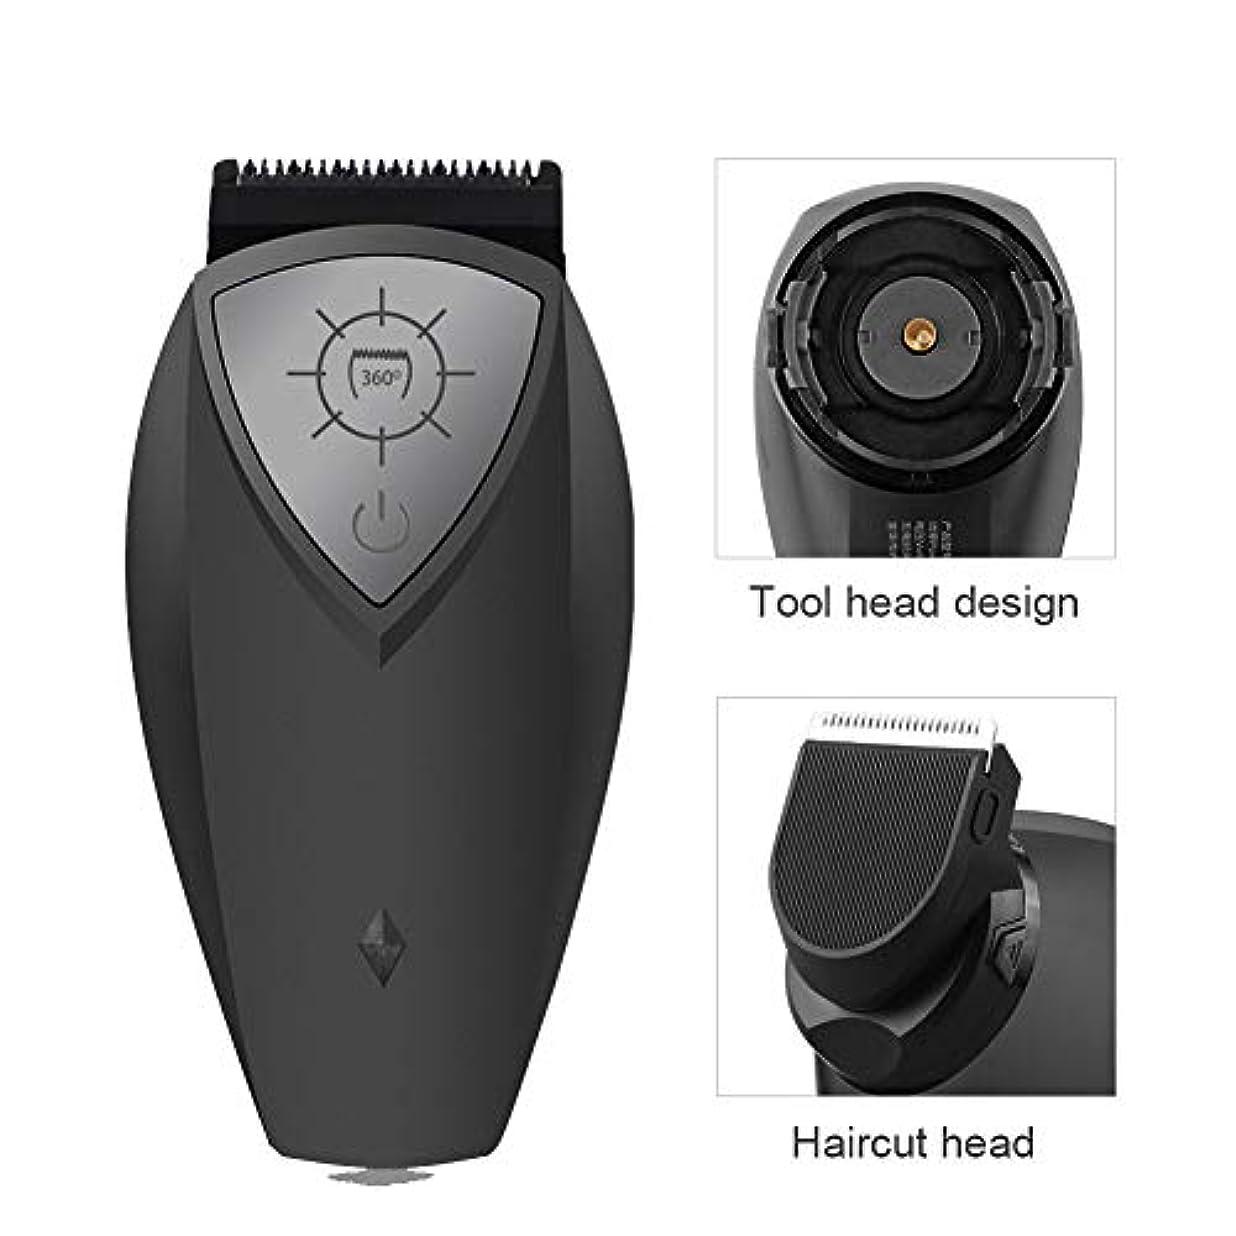 が欲しいプラスチックバック男性用USB充電式シェーバーカミソリ、360度ロータリー充電式男性電気シェーバー本体ひげ毛トリマーカミソリ